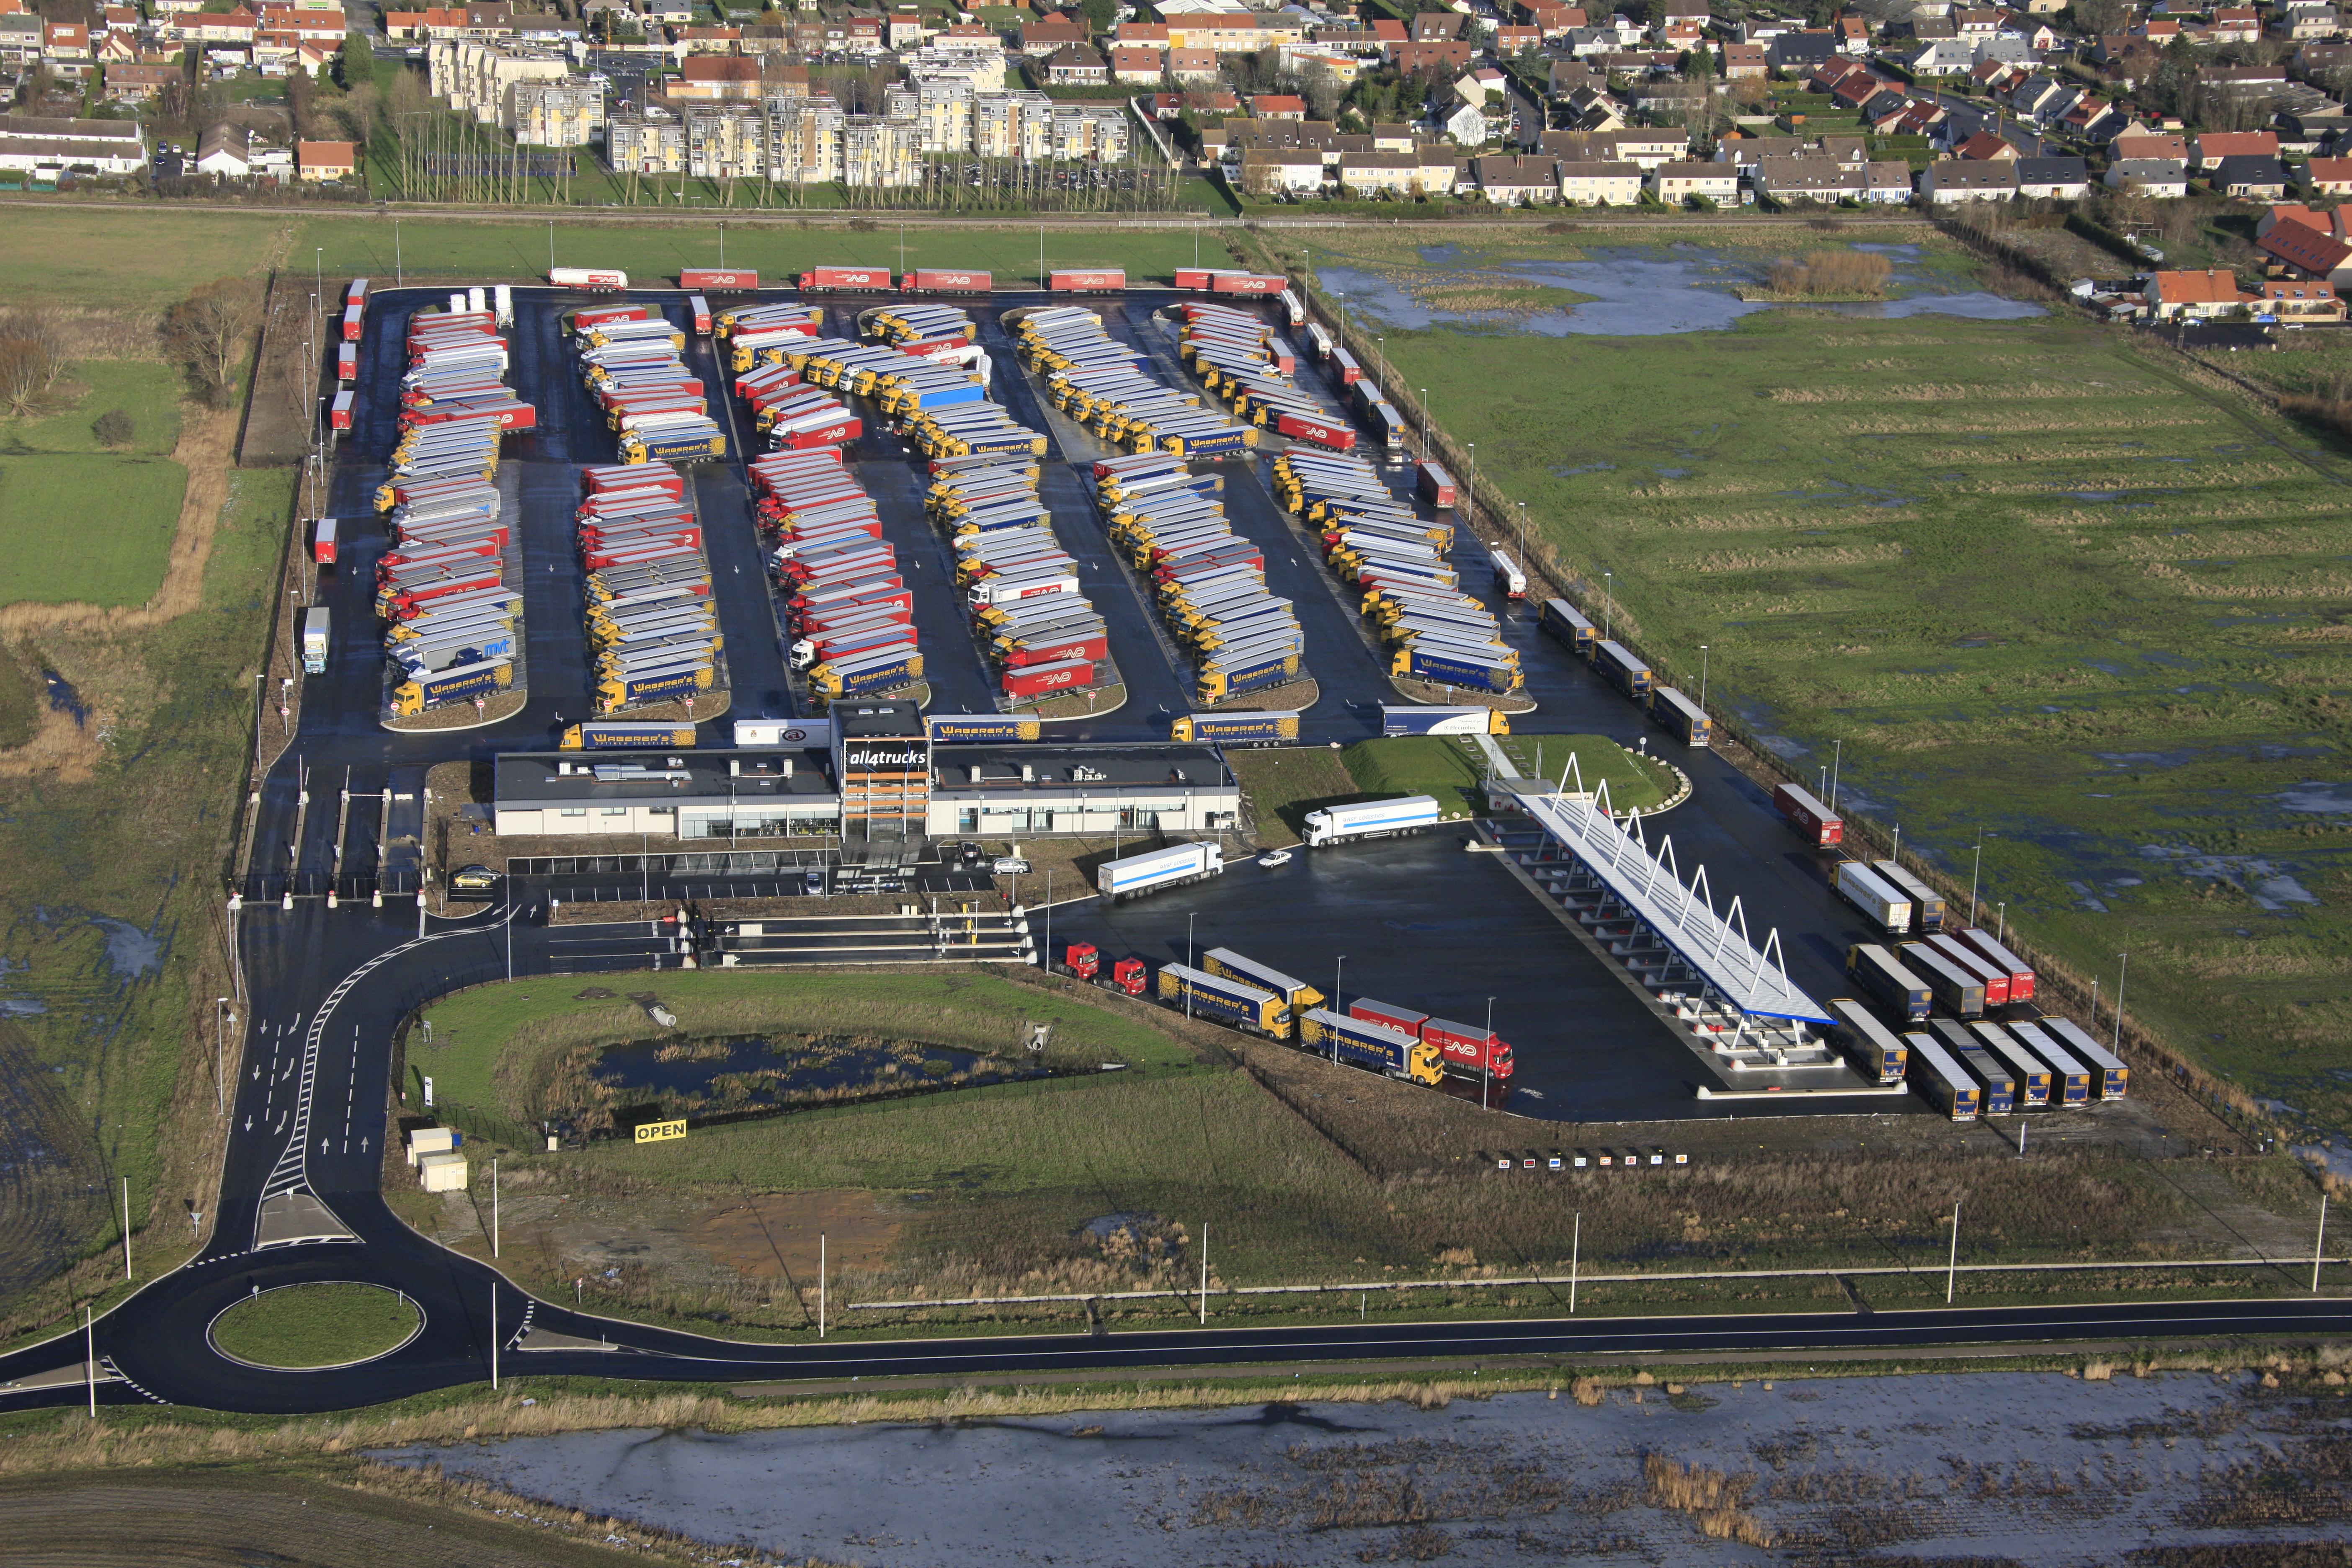 Andamur suma una estación más con la inauguración de la Estación de Mark en Calais (Francia).